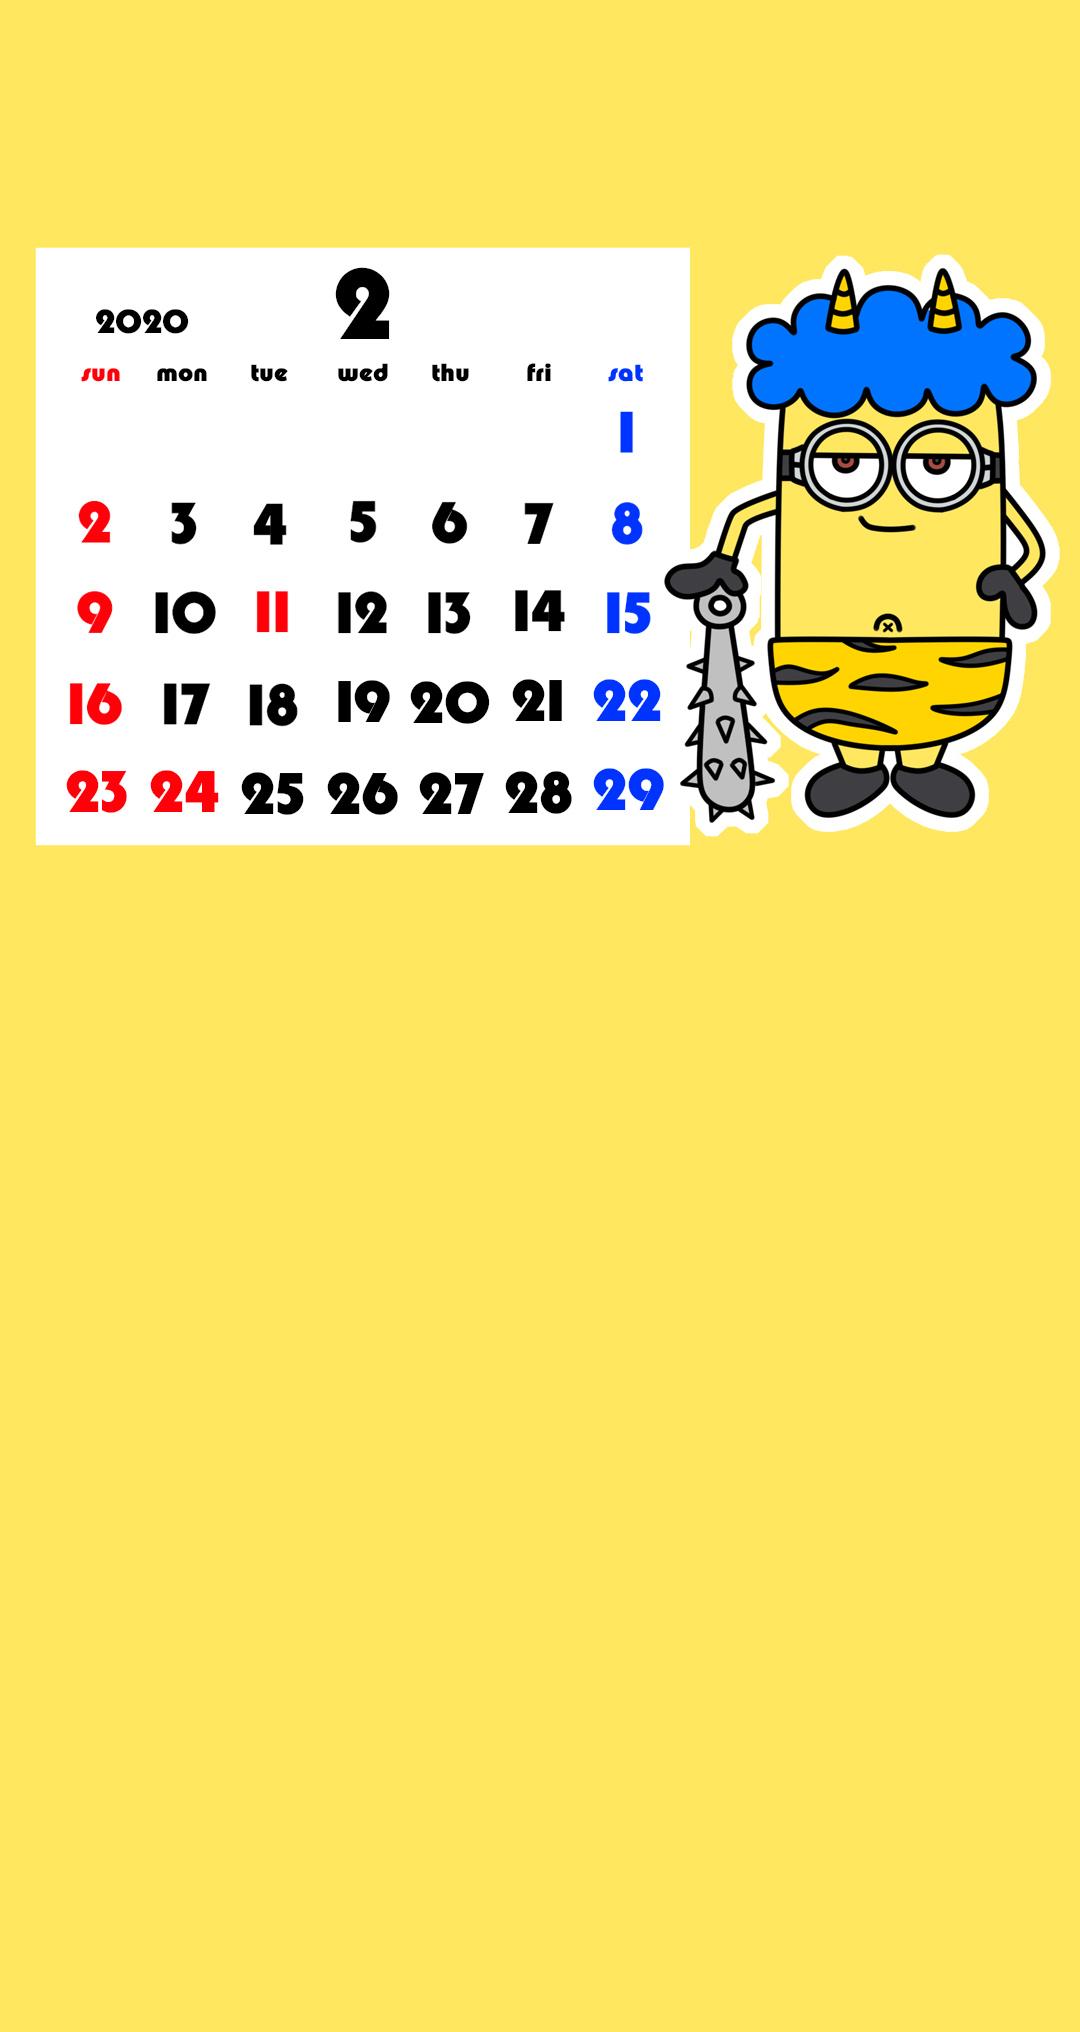 待ち受けカレンダー スマホ壁紙 ミニオンズ Android用 日曜始まり 2020年2月